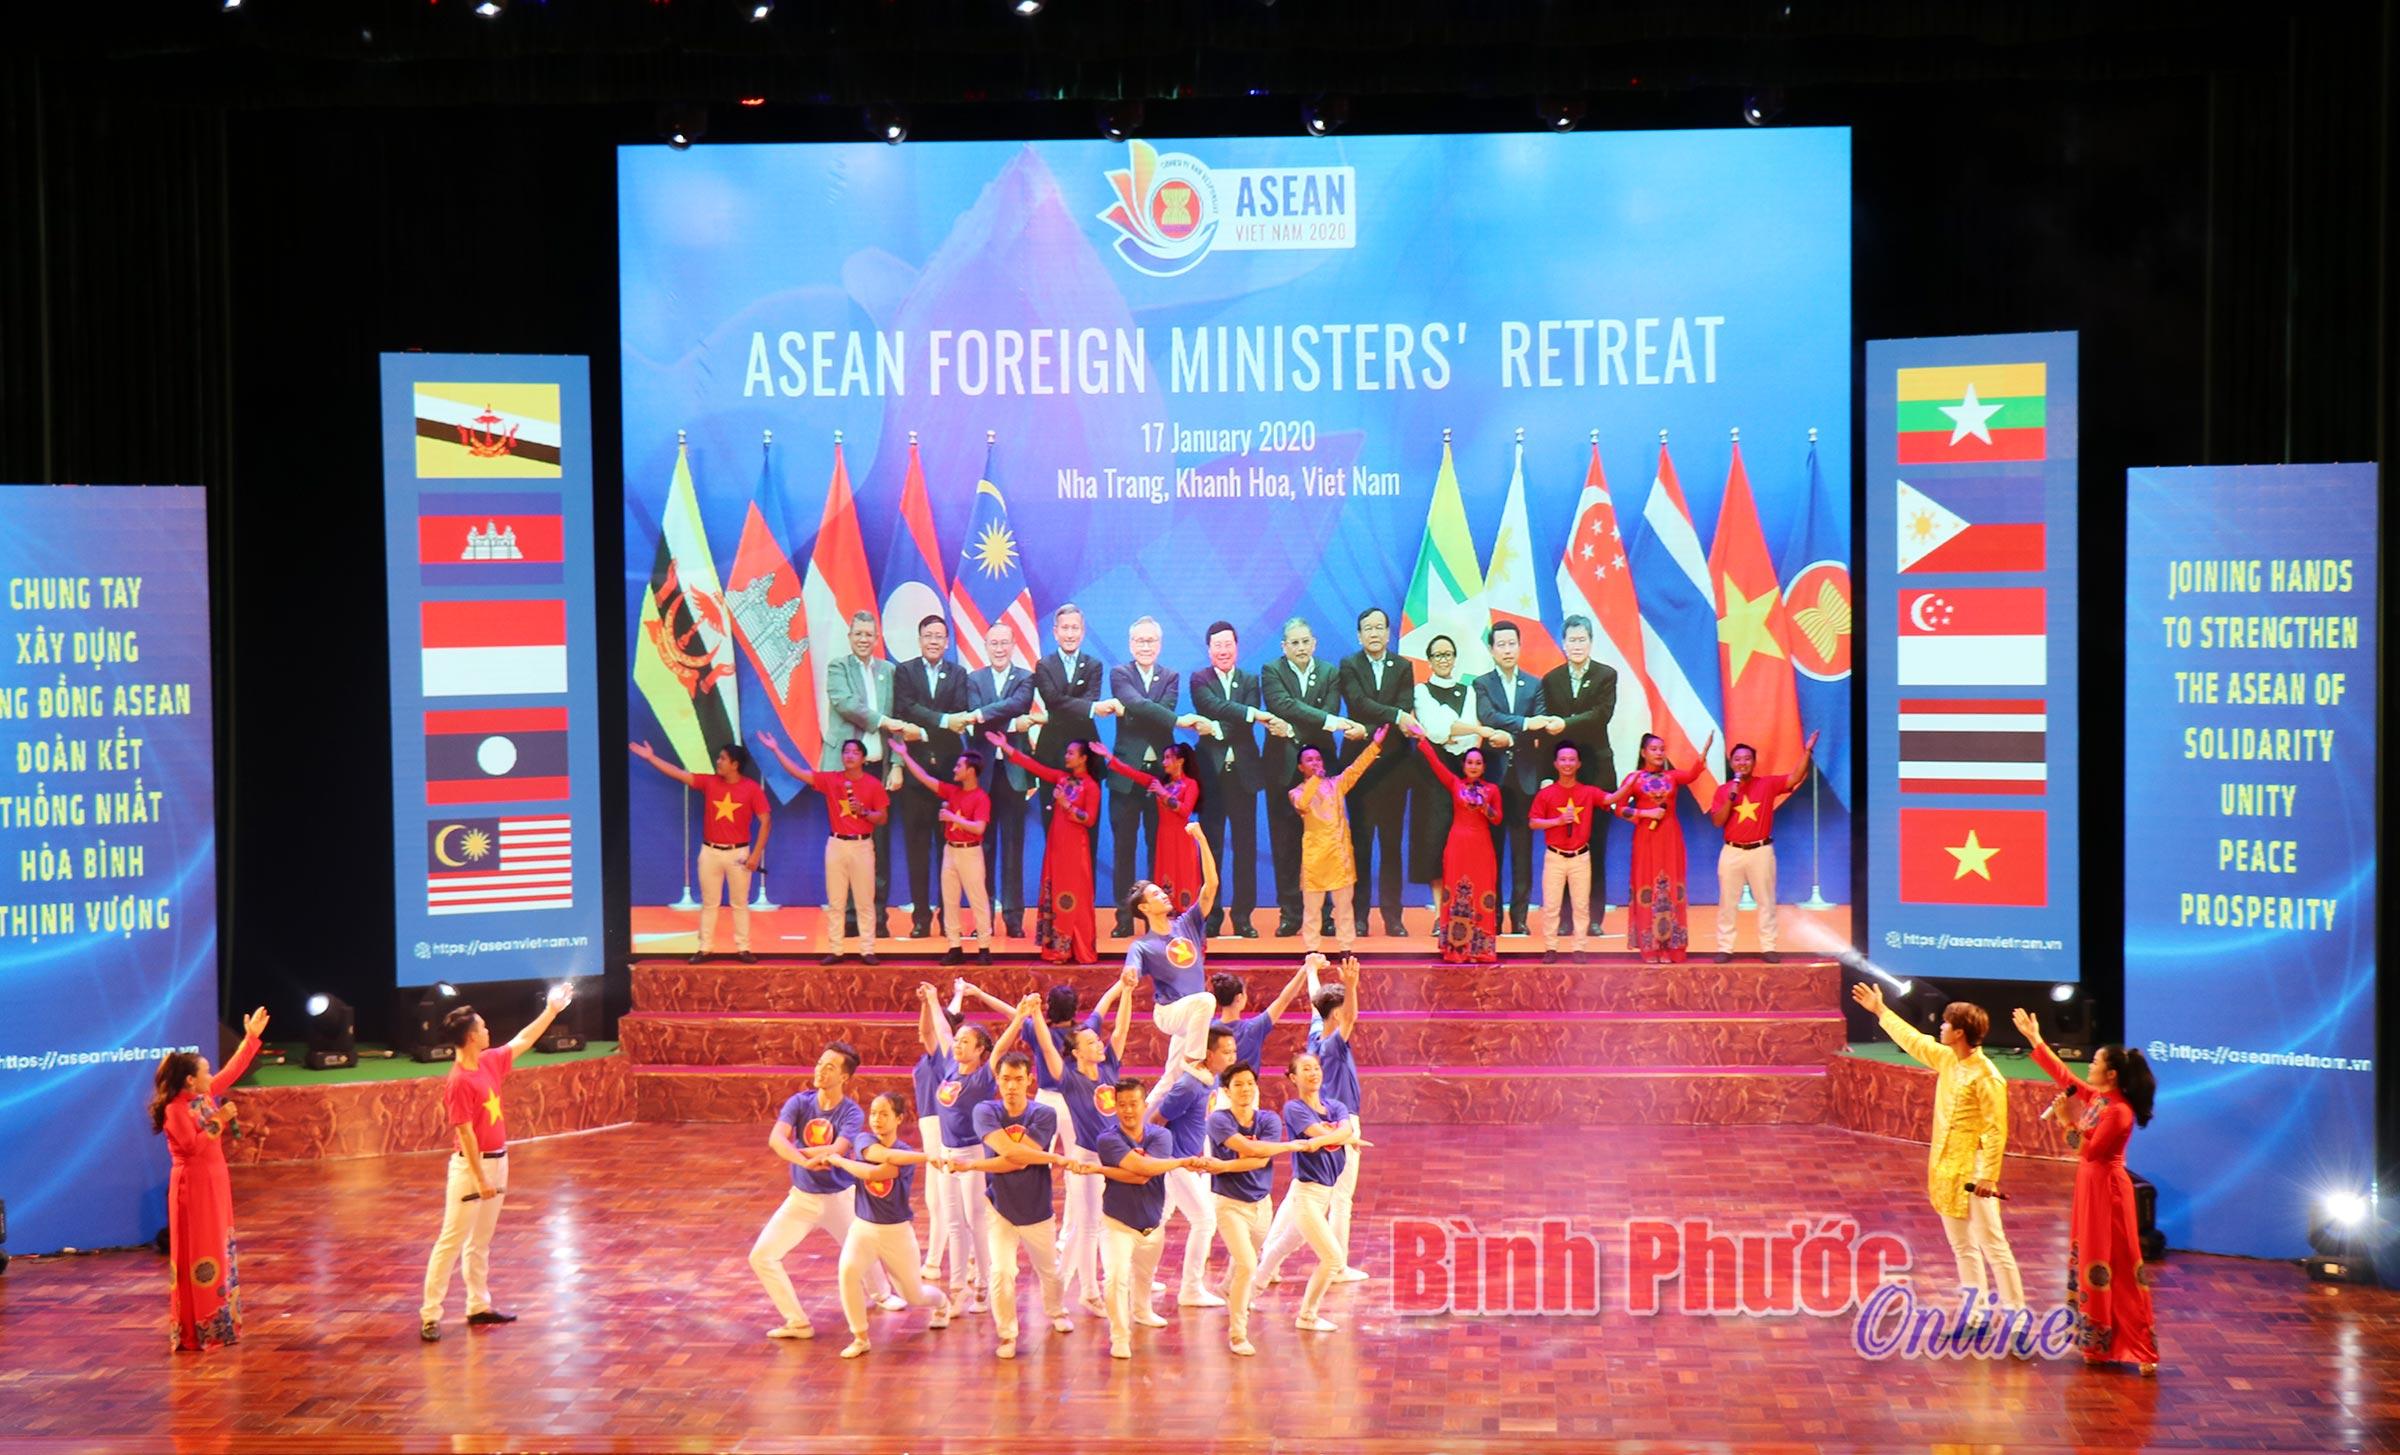 Tiết mục nghệ thuậtđầy màu sắc, ý nghĩa thể hiện tinh thần đoàn kết của cộng đồngcác nước ASEAN